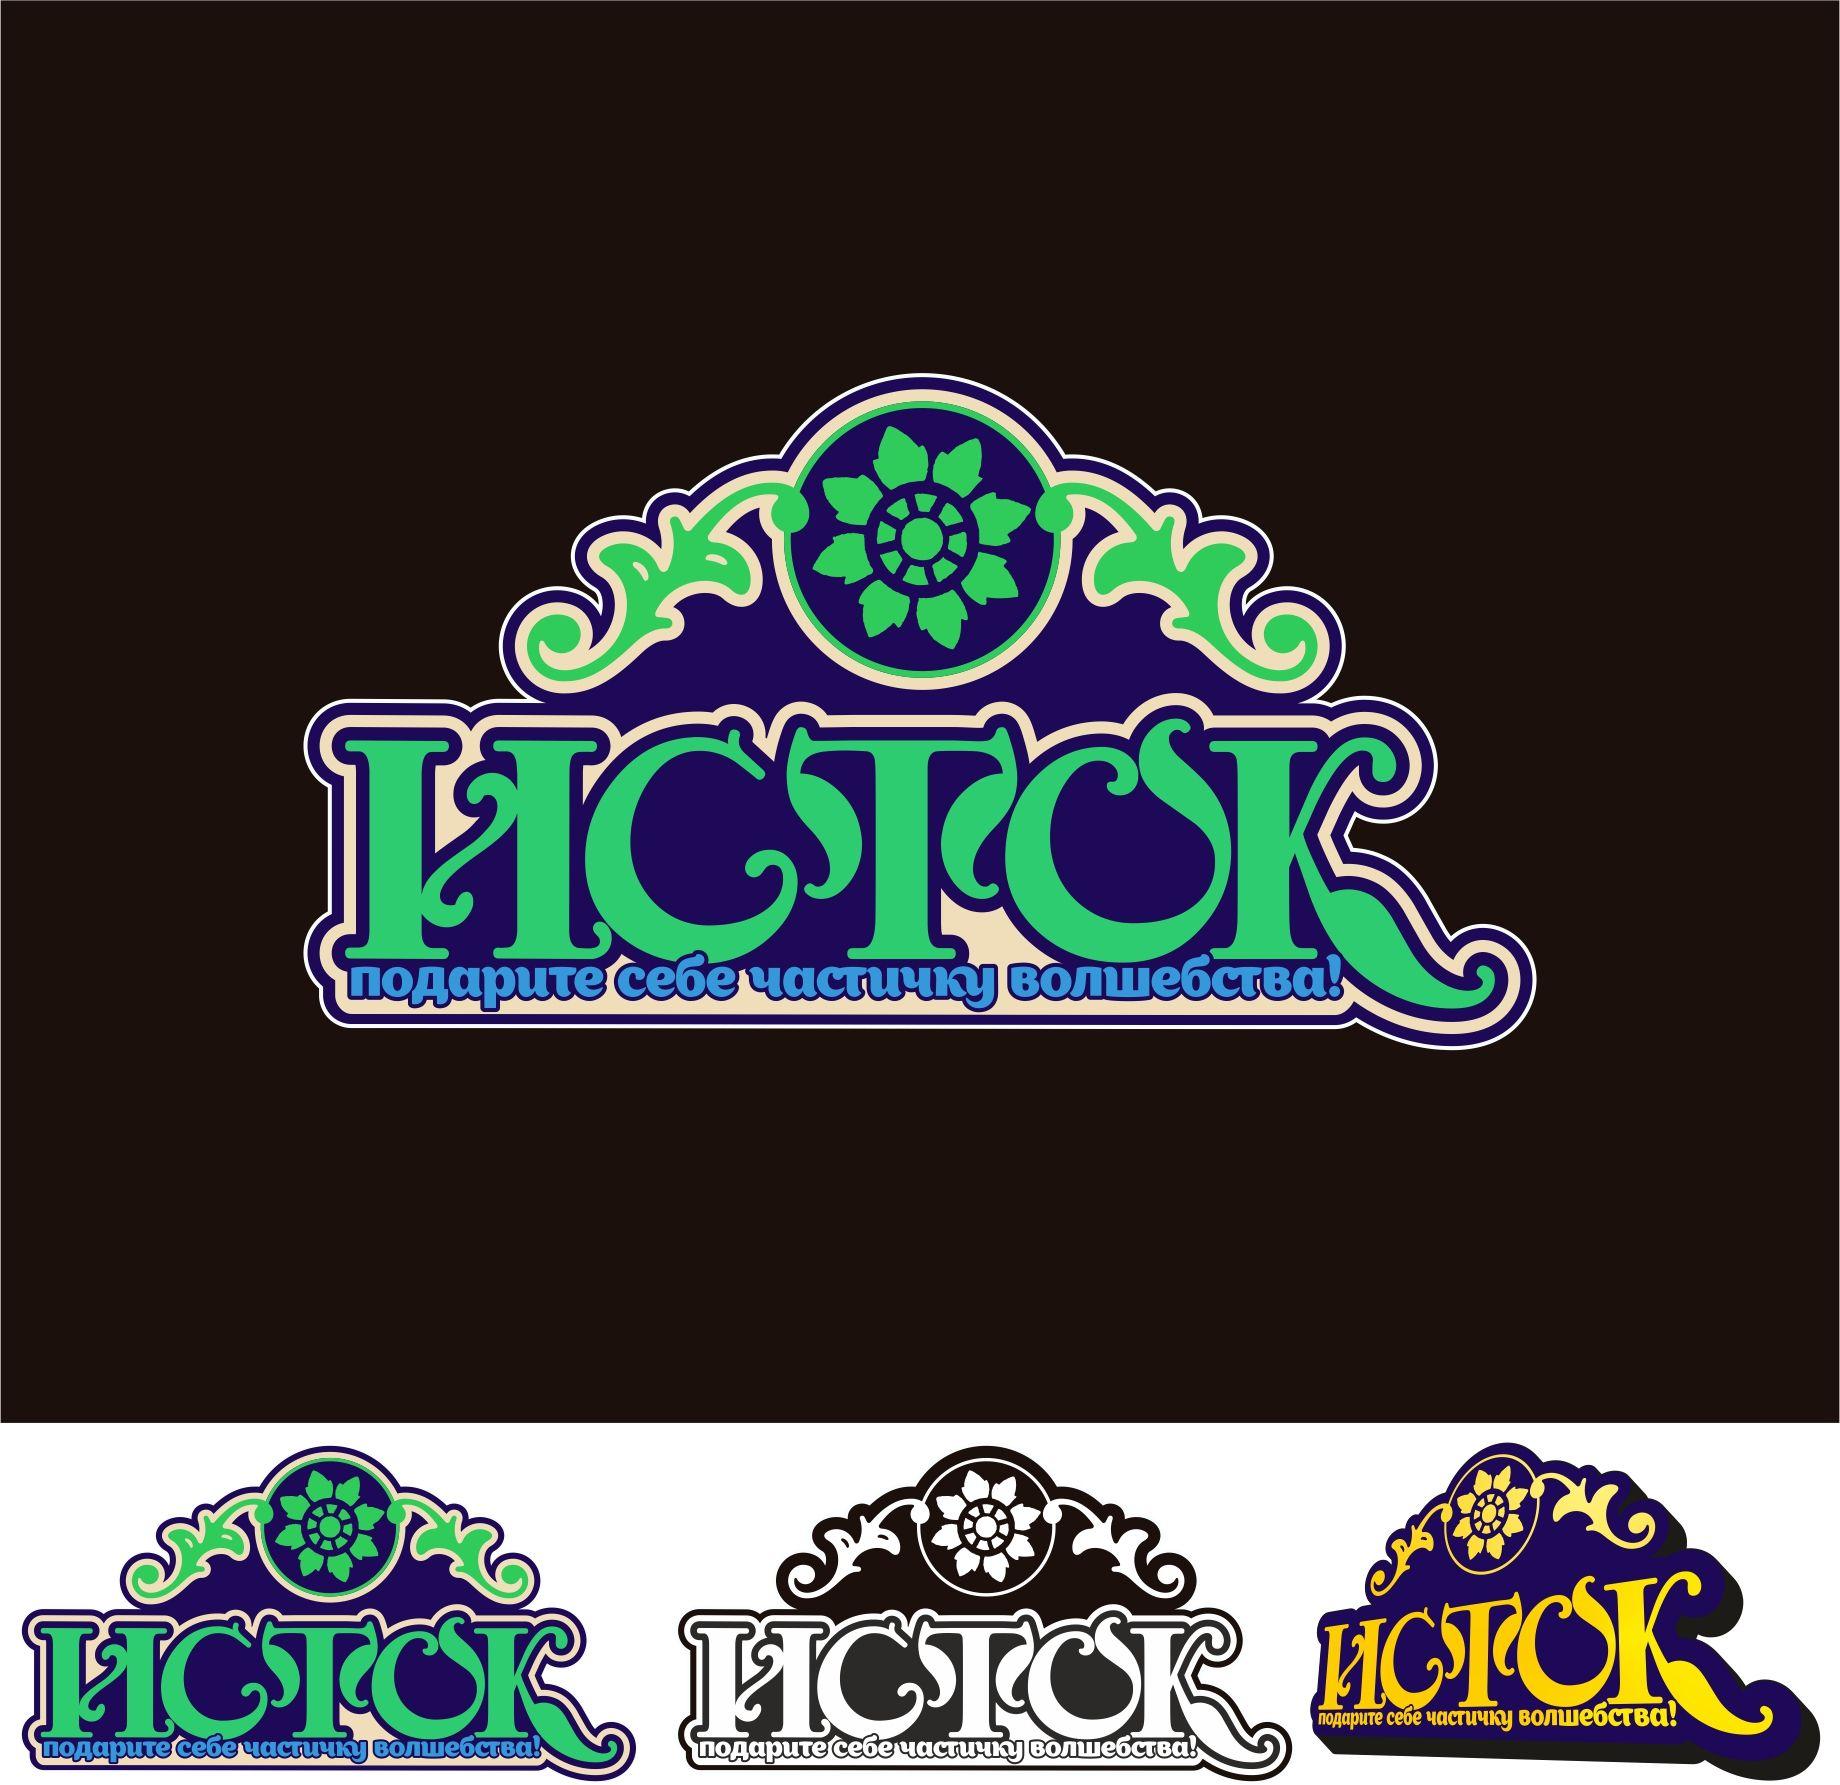 Логотип для магазина Украшений из Фильмов - дизайнер hsochi